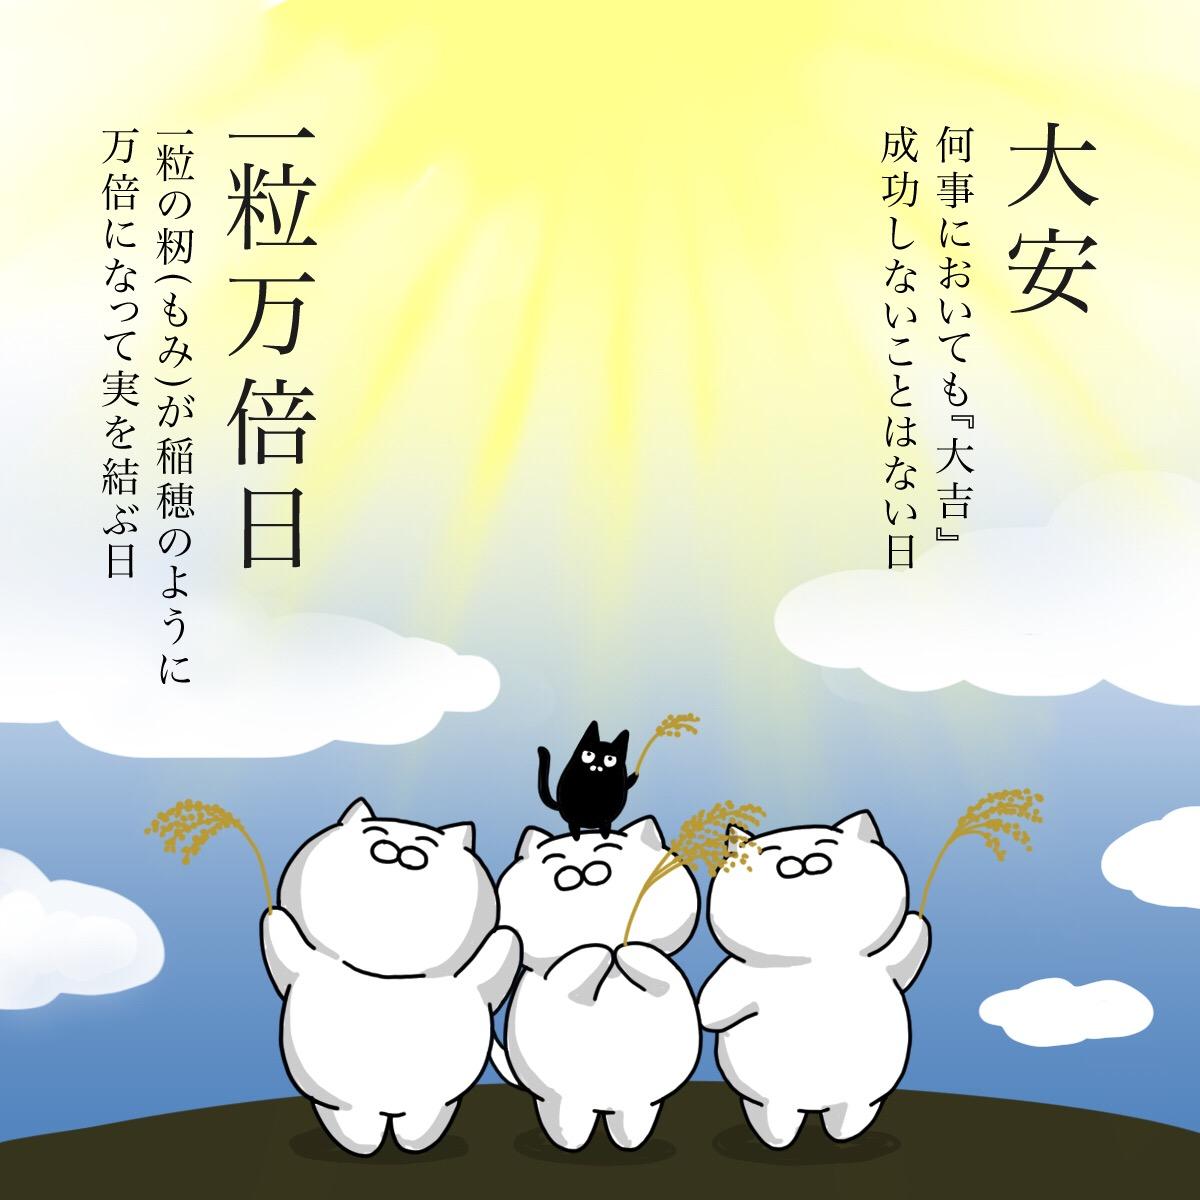 本日 8月13日は『大安』と『一粒万倍日』の2つが重なる縁起の良い日